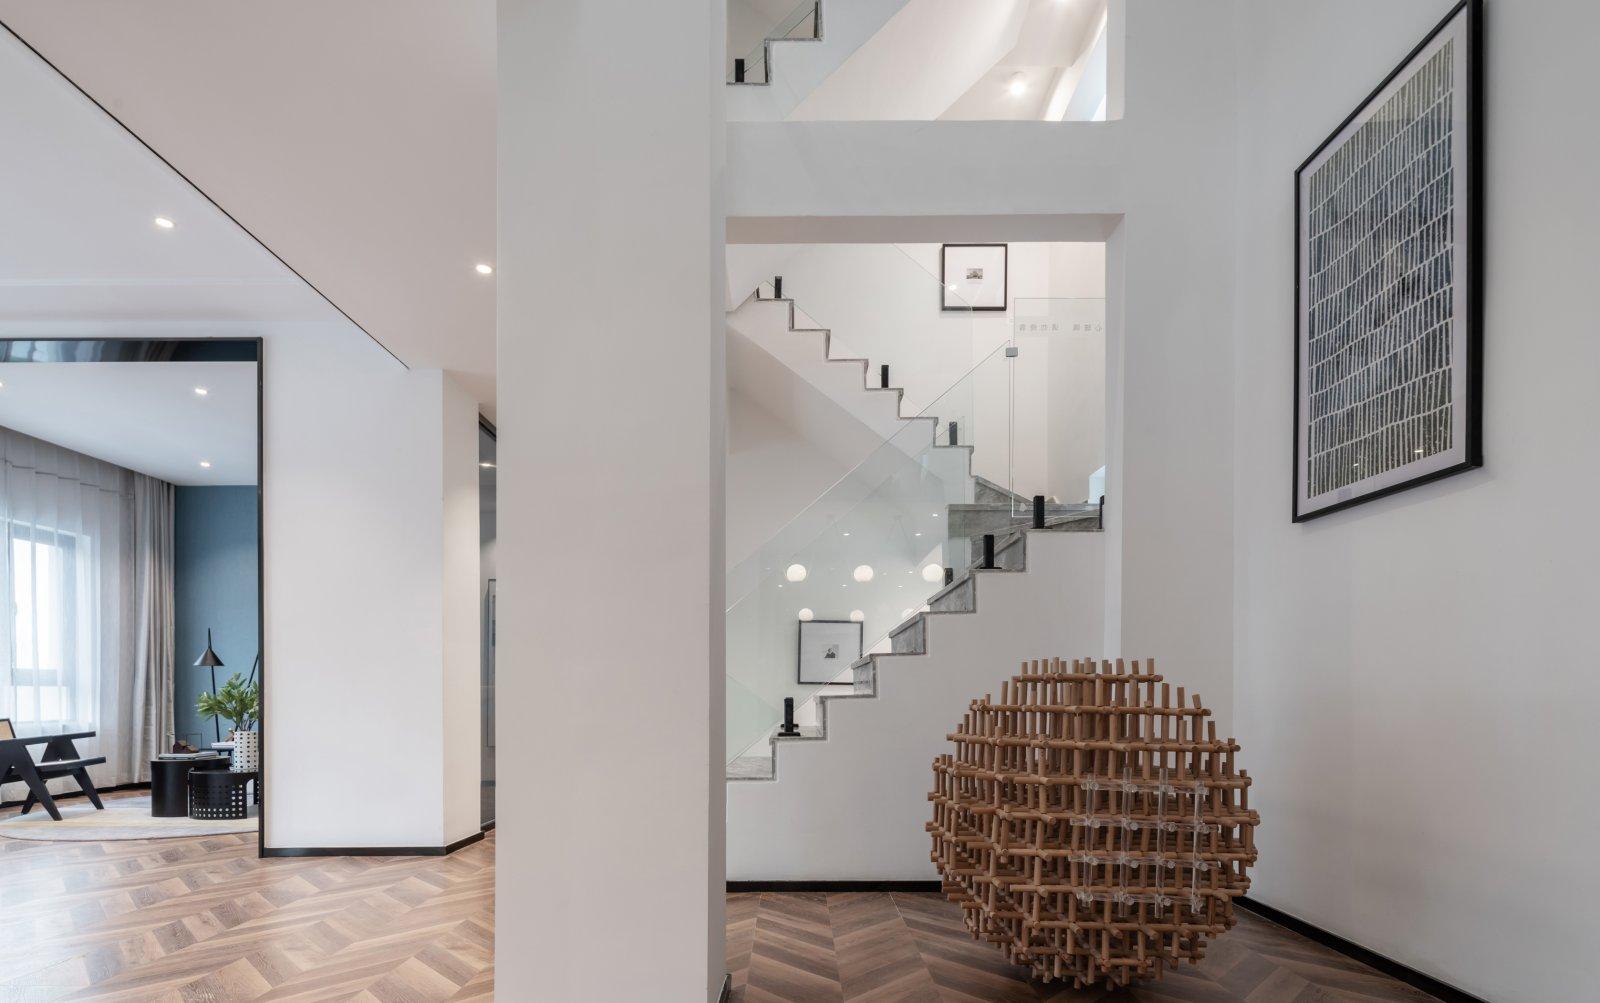 运用点、线、面元素,建筑结构美学